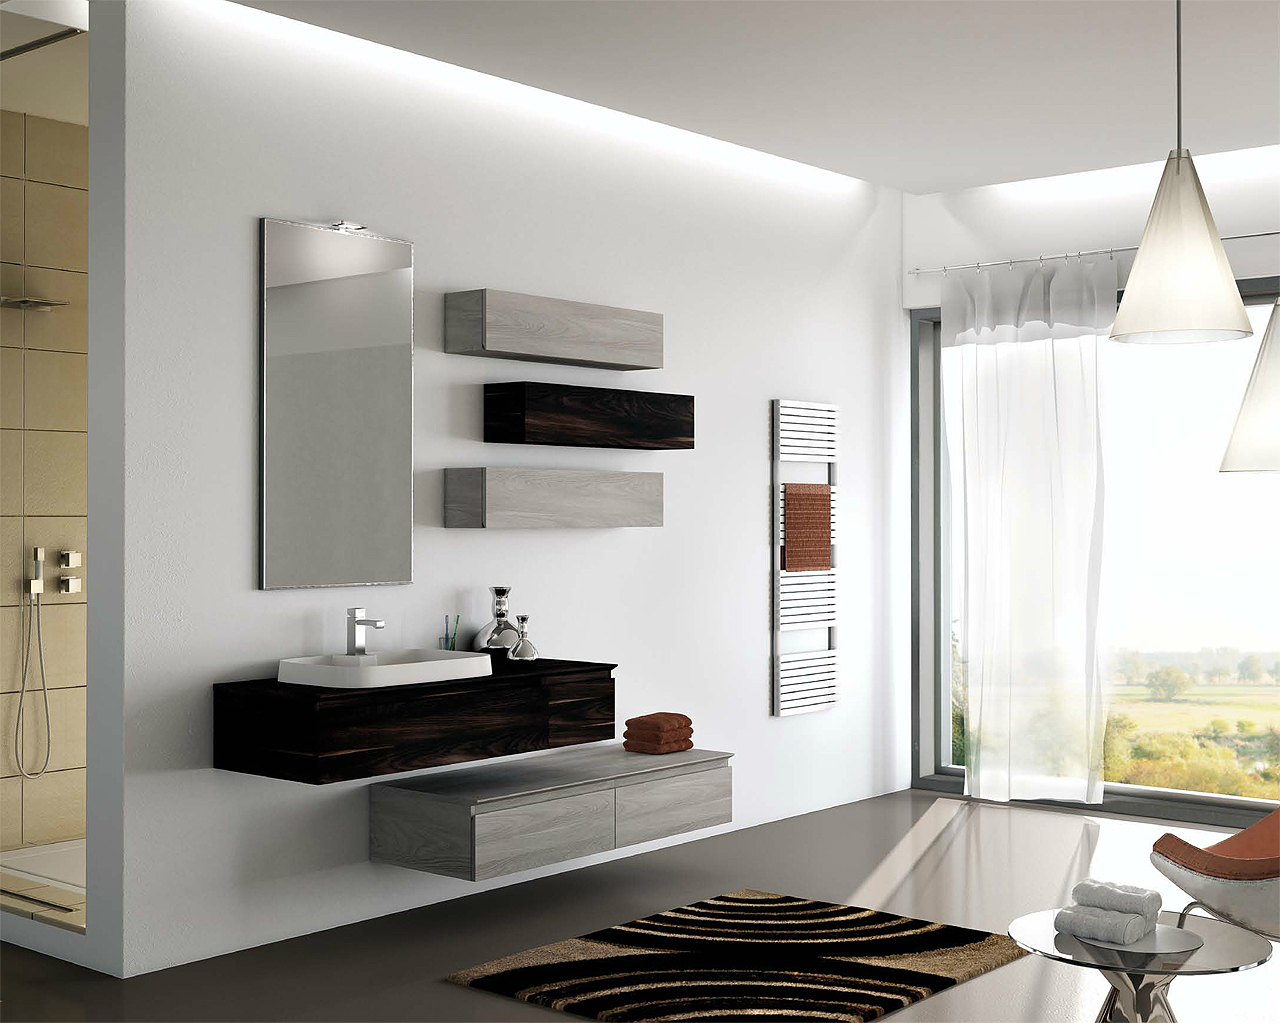 Prodotti sintesibagno i prodotti per il bagno selezionati da sintesibagno mobili componibili - Mobili componibili per bagno ...